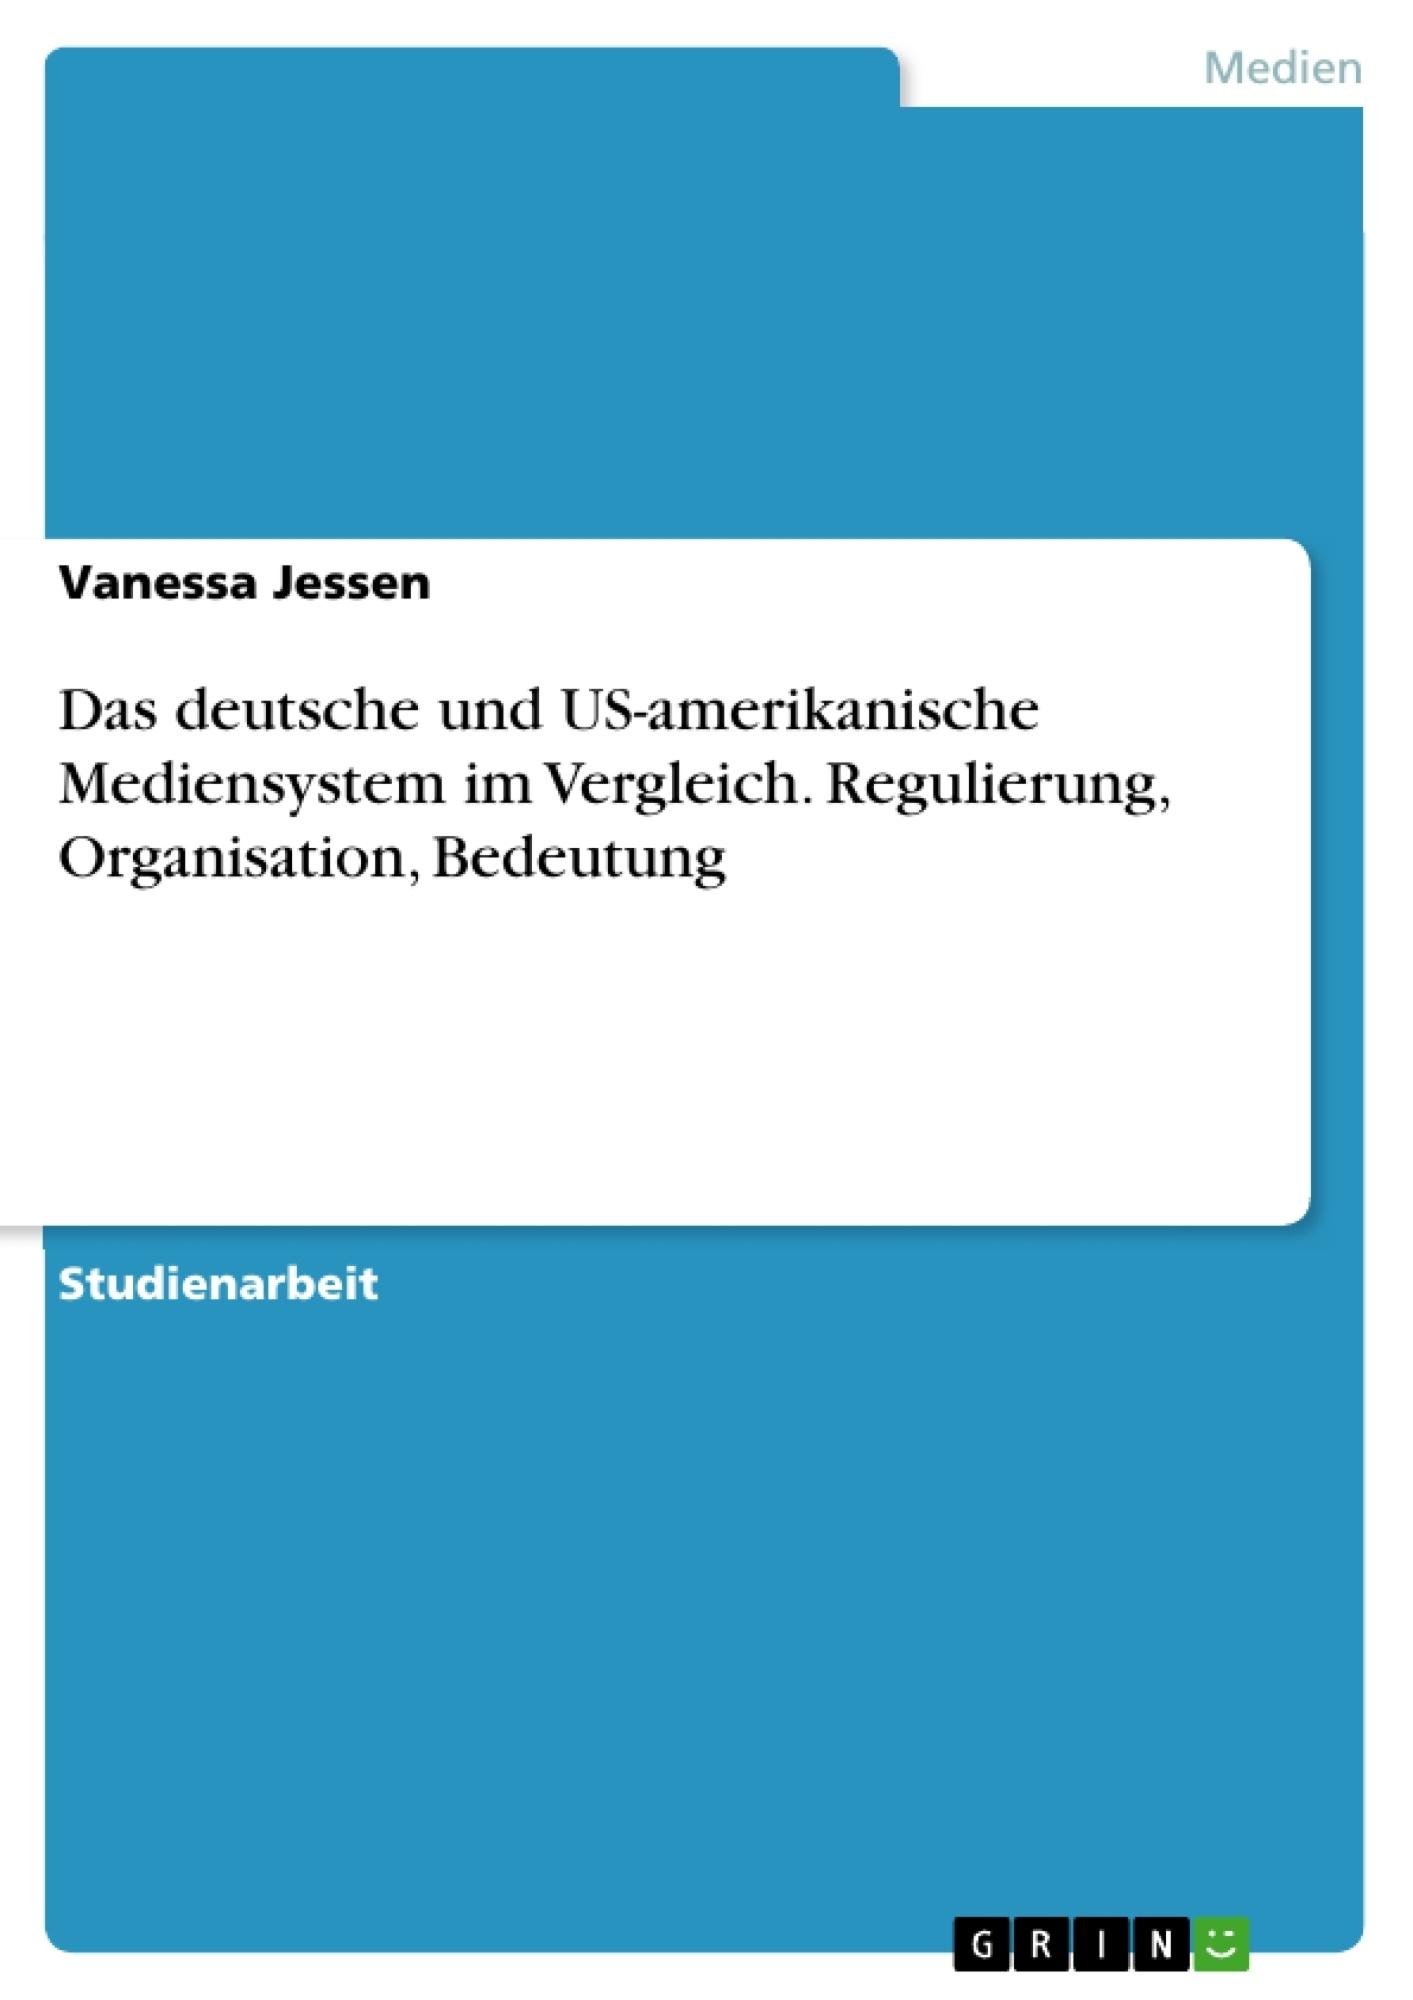 Titel: Das deutsche und US-amerikanische Mediensystem im Vergleich. Regulierung, Organisation, Bedeutung